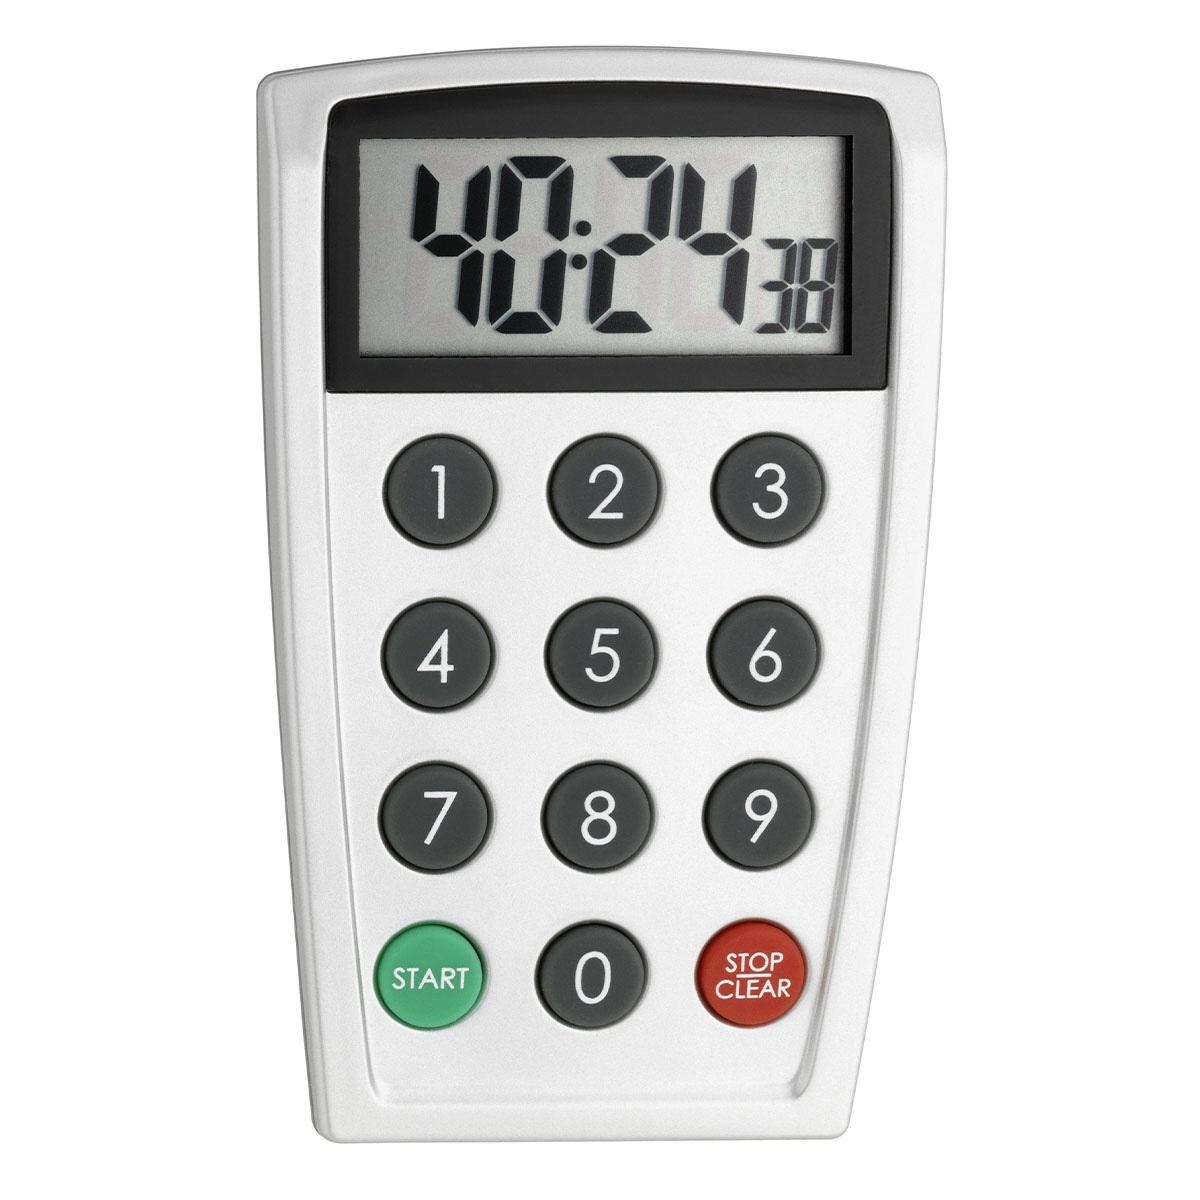 38-2026-digitaler-timer-stoppuhr-1200x1200px.jpg